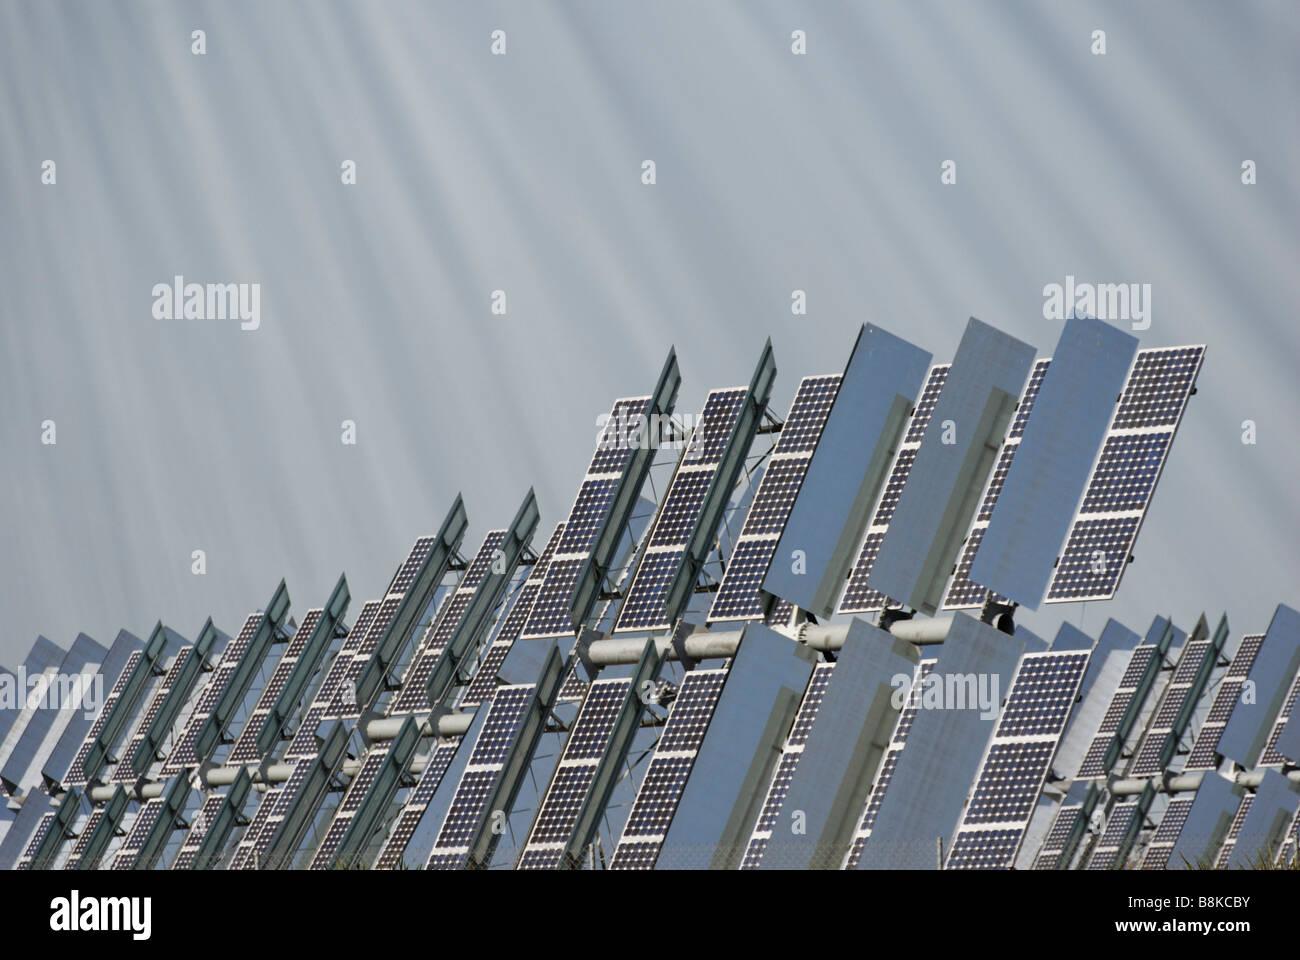 Solúcar planta de energía fotovoltaica de concentración unidades tracker que producen limpio desde Imagen De Stock